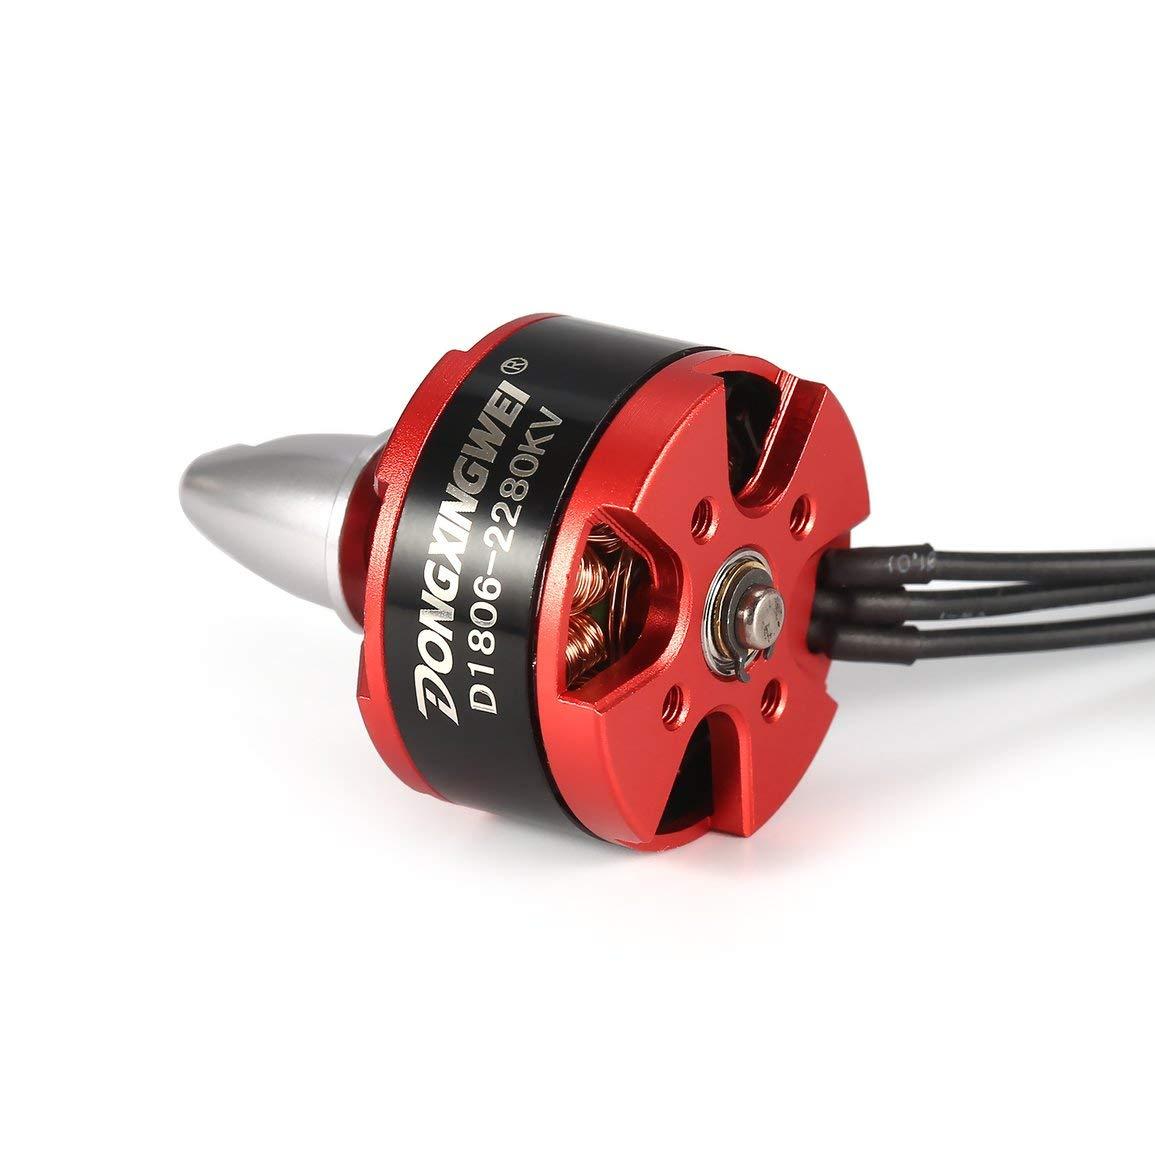 Couleur: Noir /& Rouge 4pcs CW CCW D1806 2280KV 2-3S moteur /électrique sans balai pour 250 260mm RC Racing Drone Quadcopter Multicopter a/éronef